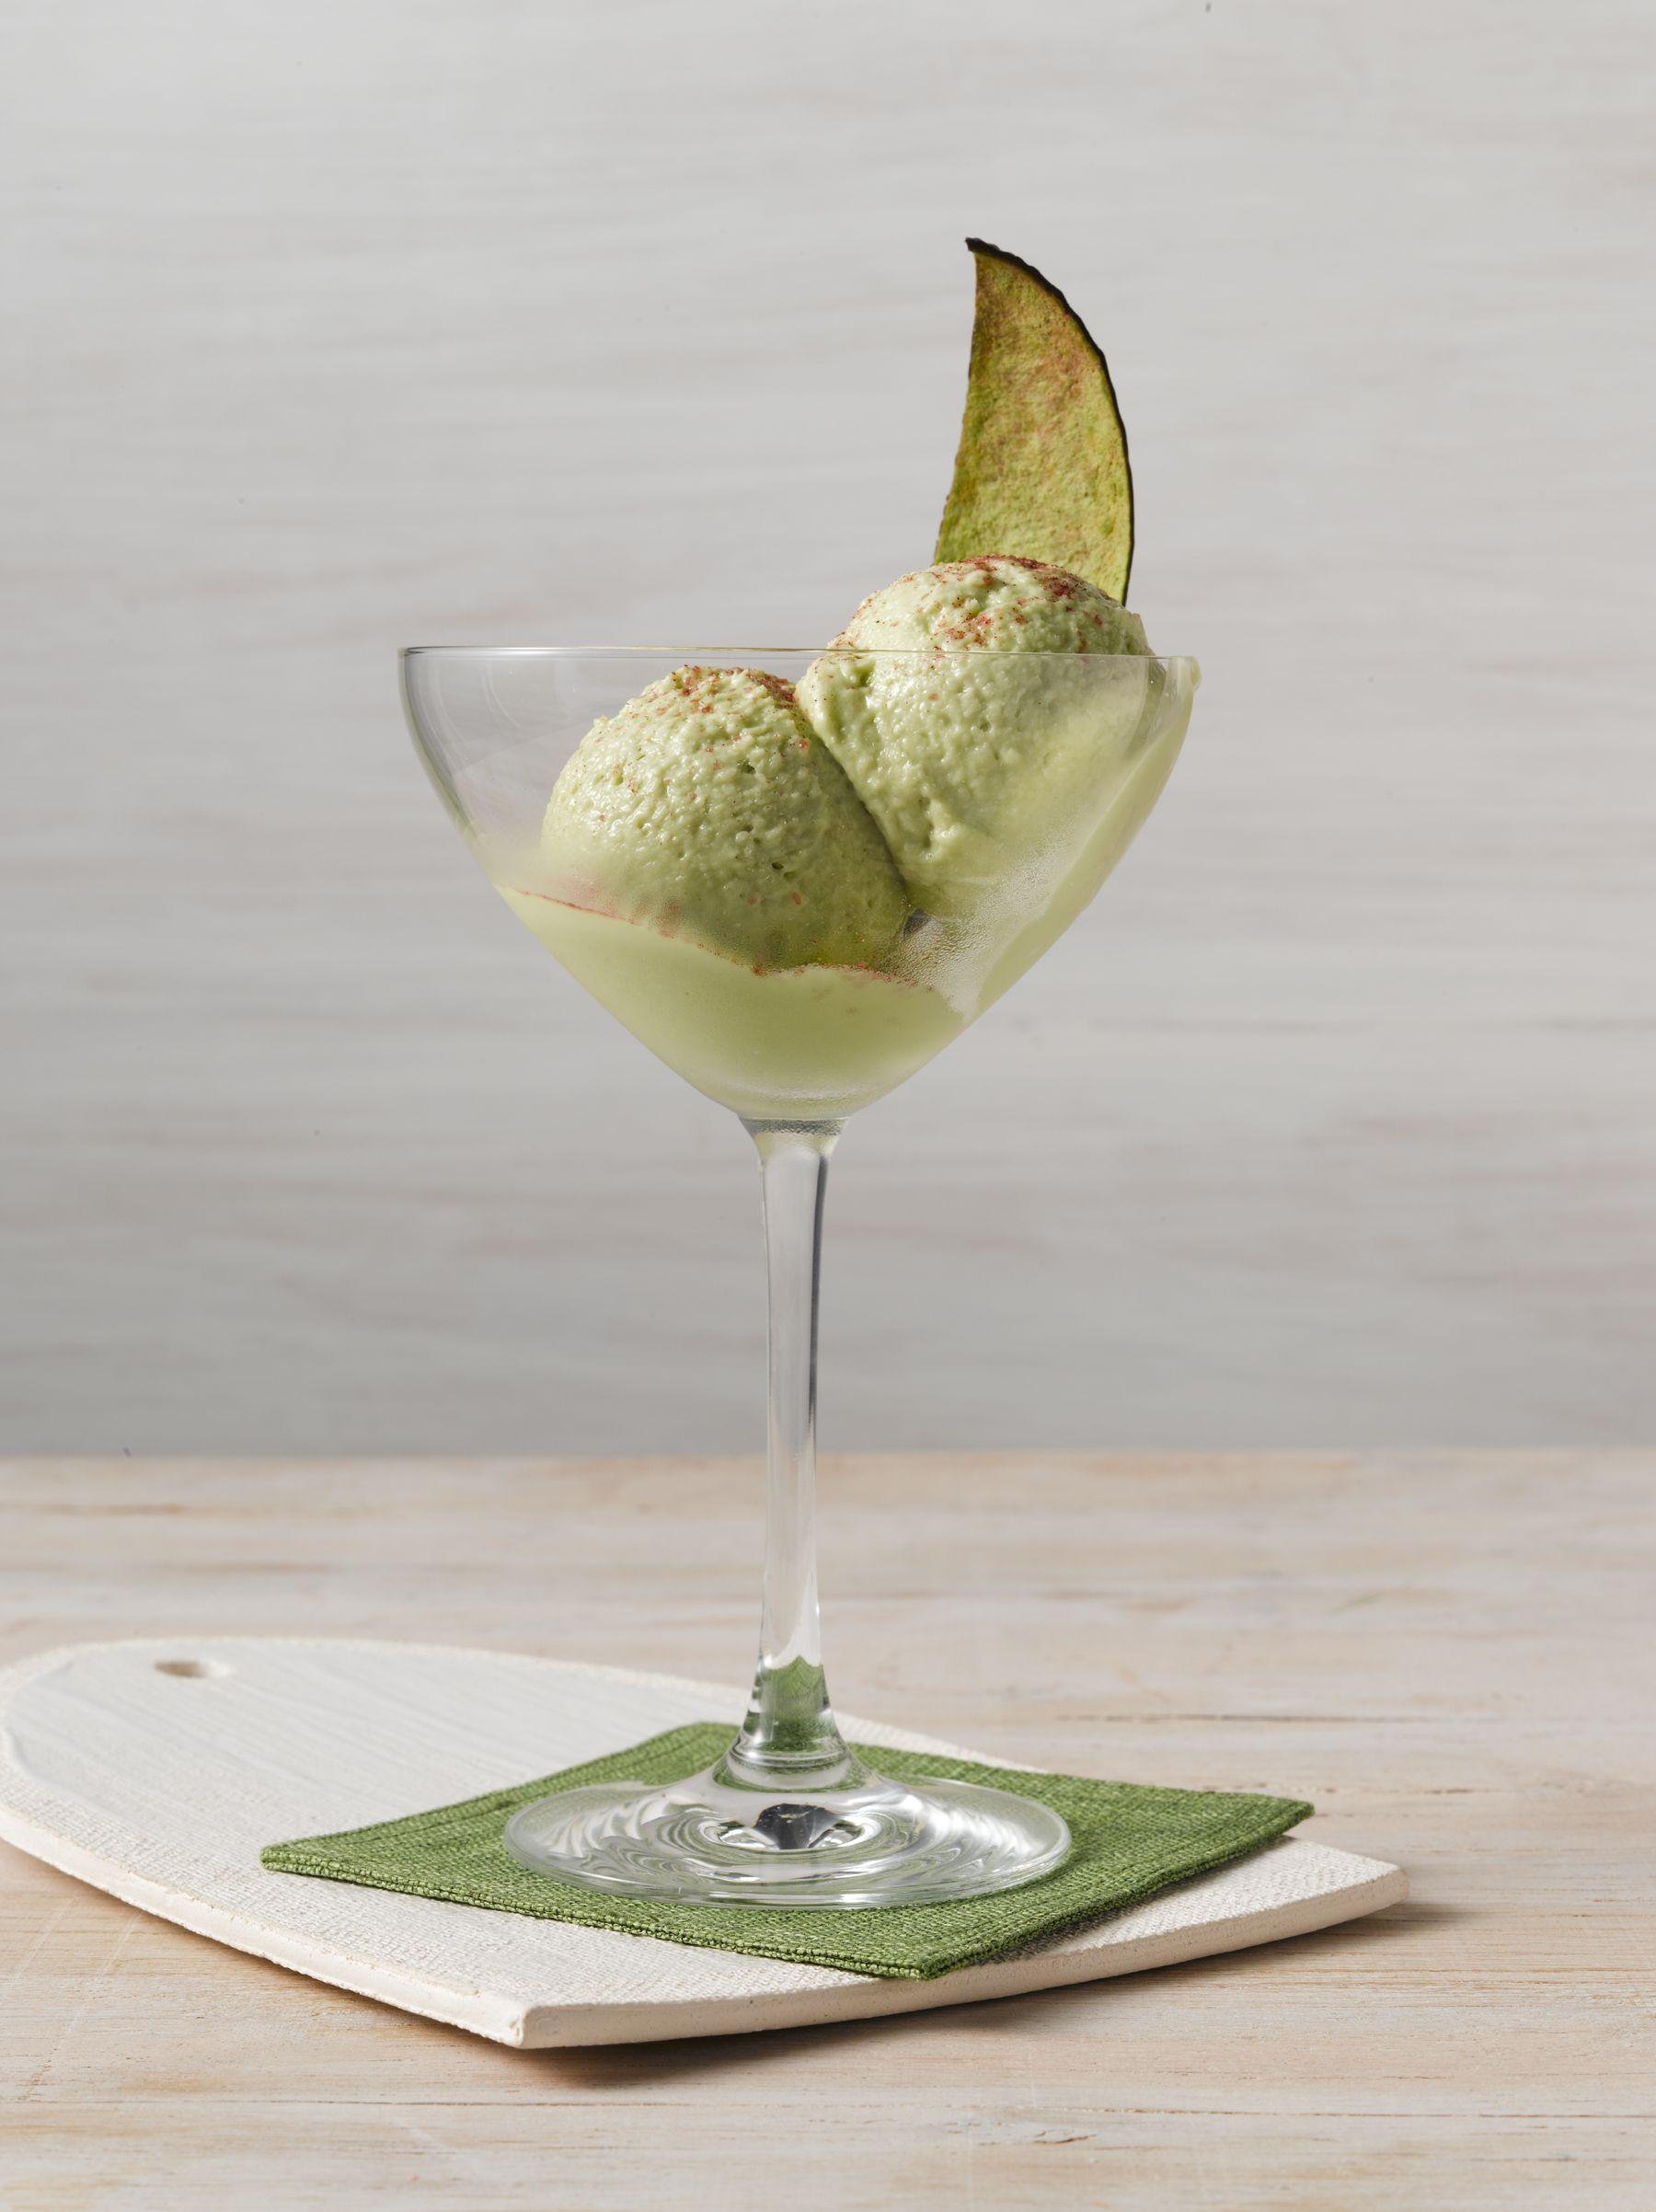 Avocado Rum Ice Cream Cocktail, courtesy of the Liquid Chef!